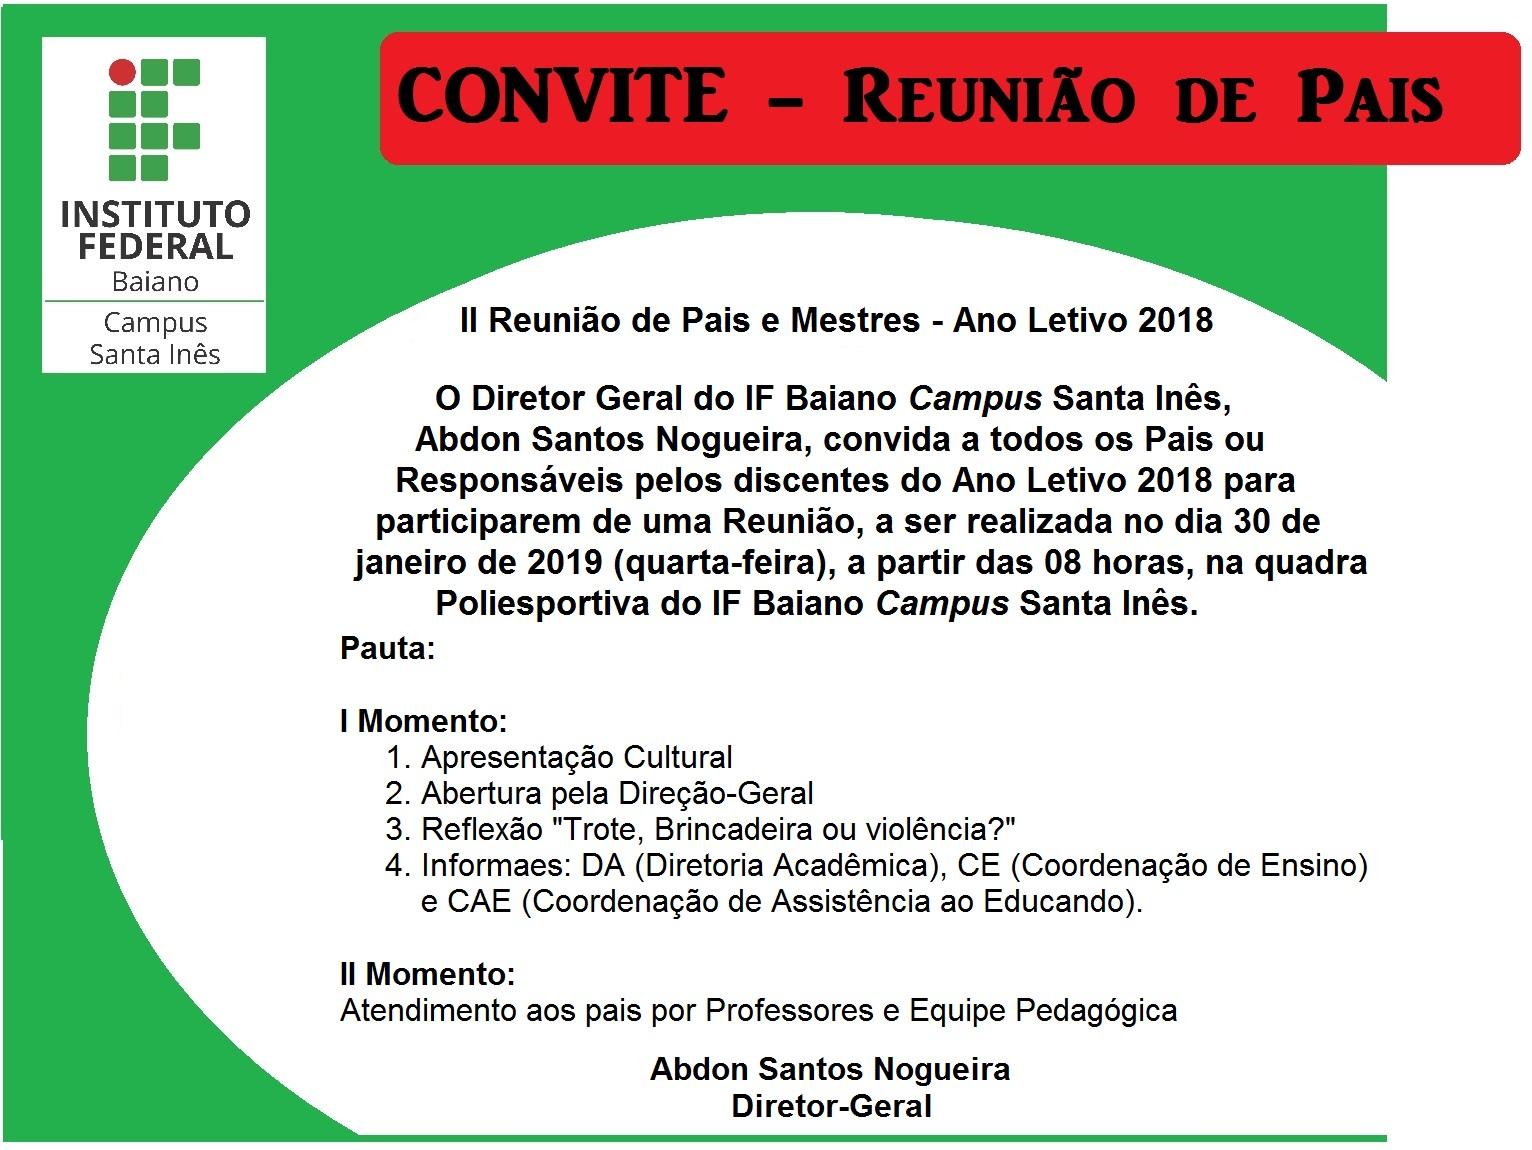 reuniao-de-pais-01-2019